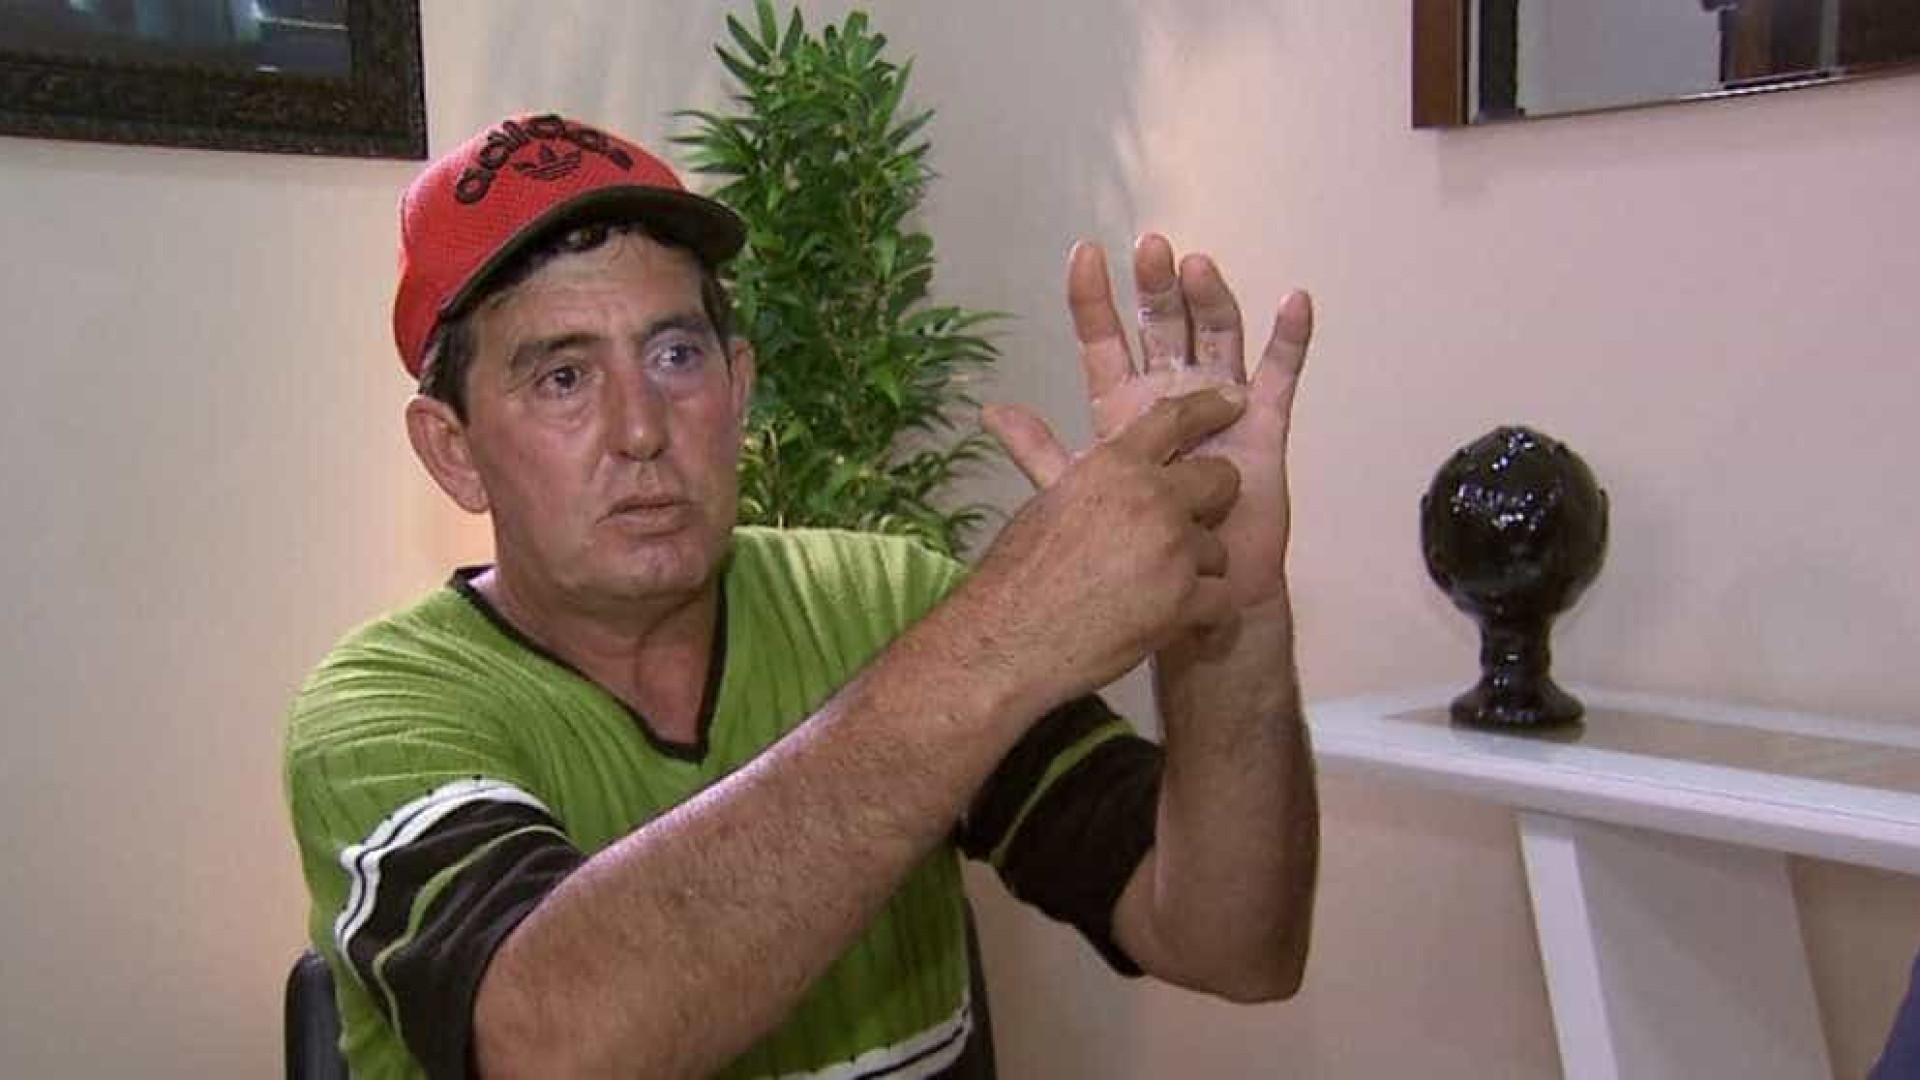 Homem acorda da anestesia e descobre que médico operou dedo errado